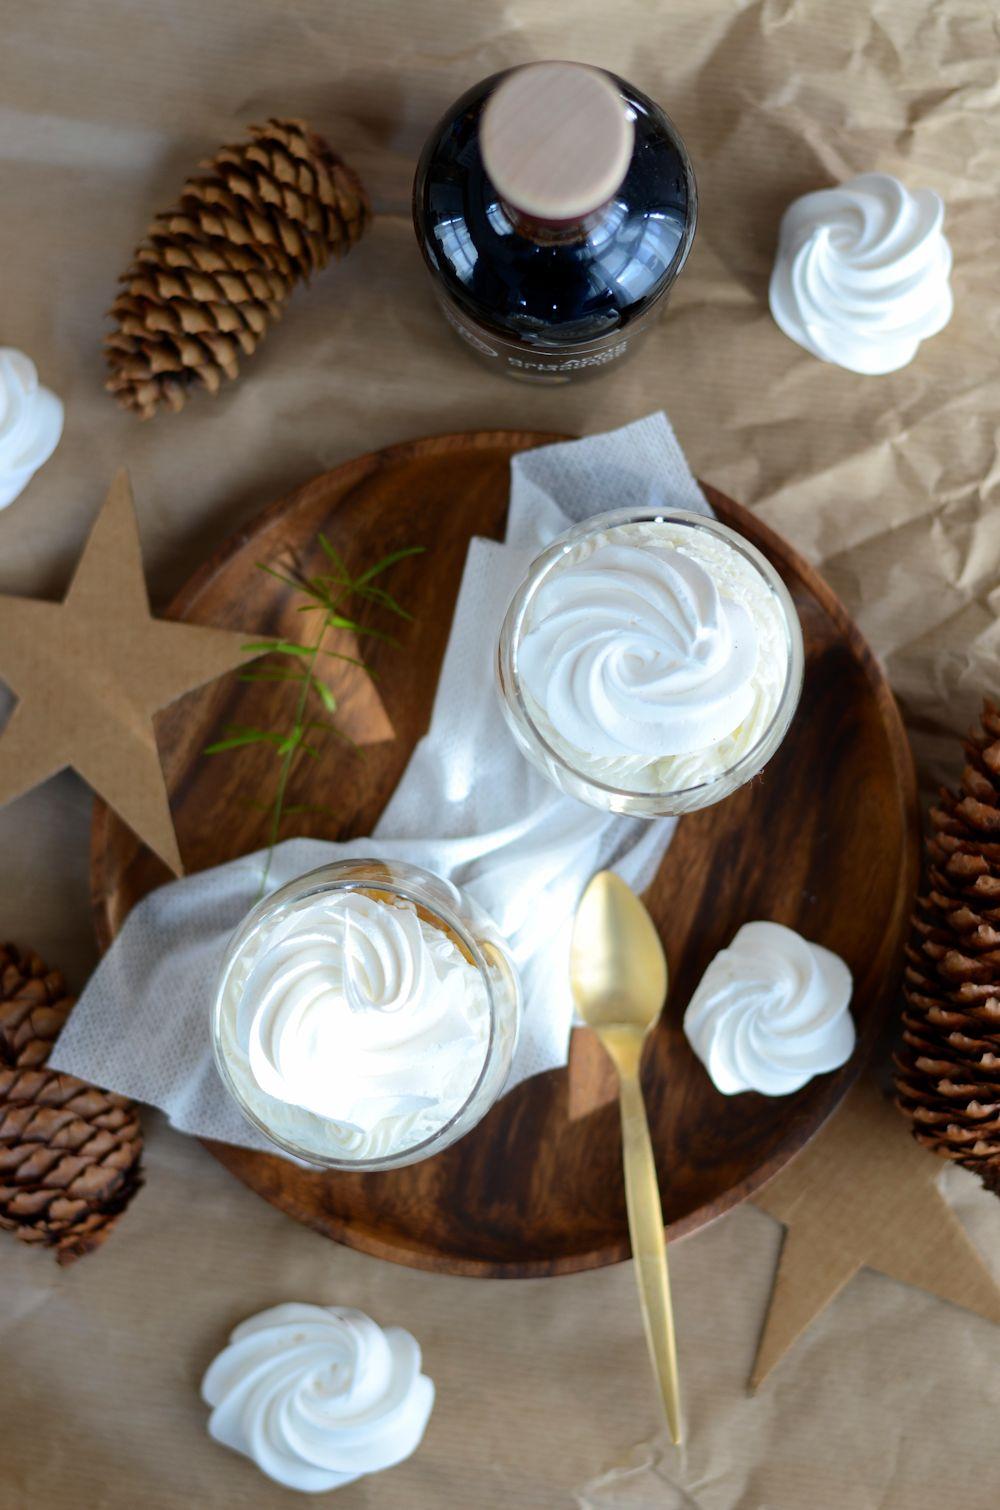 Verrine de Noël façon Eton Mess à la poire caramélisée au balsamique